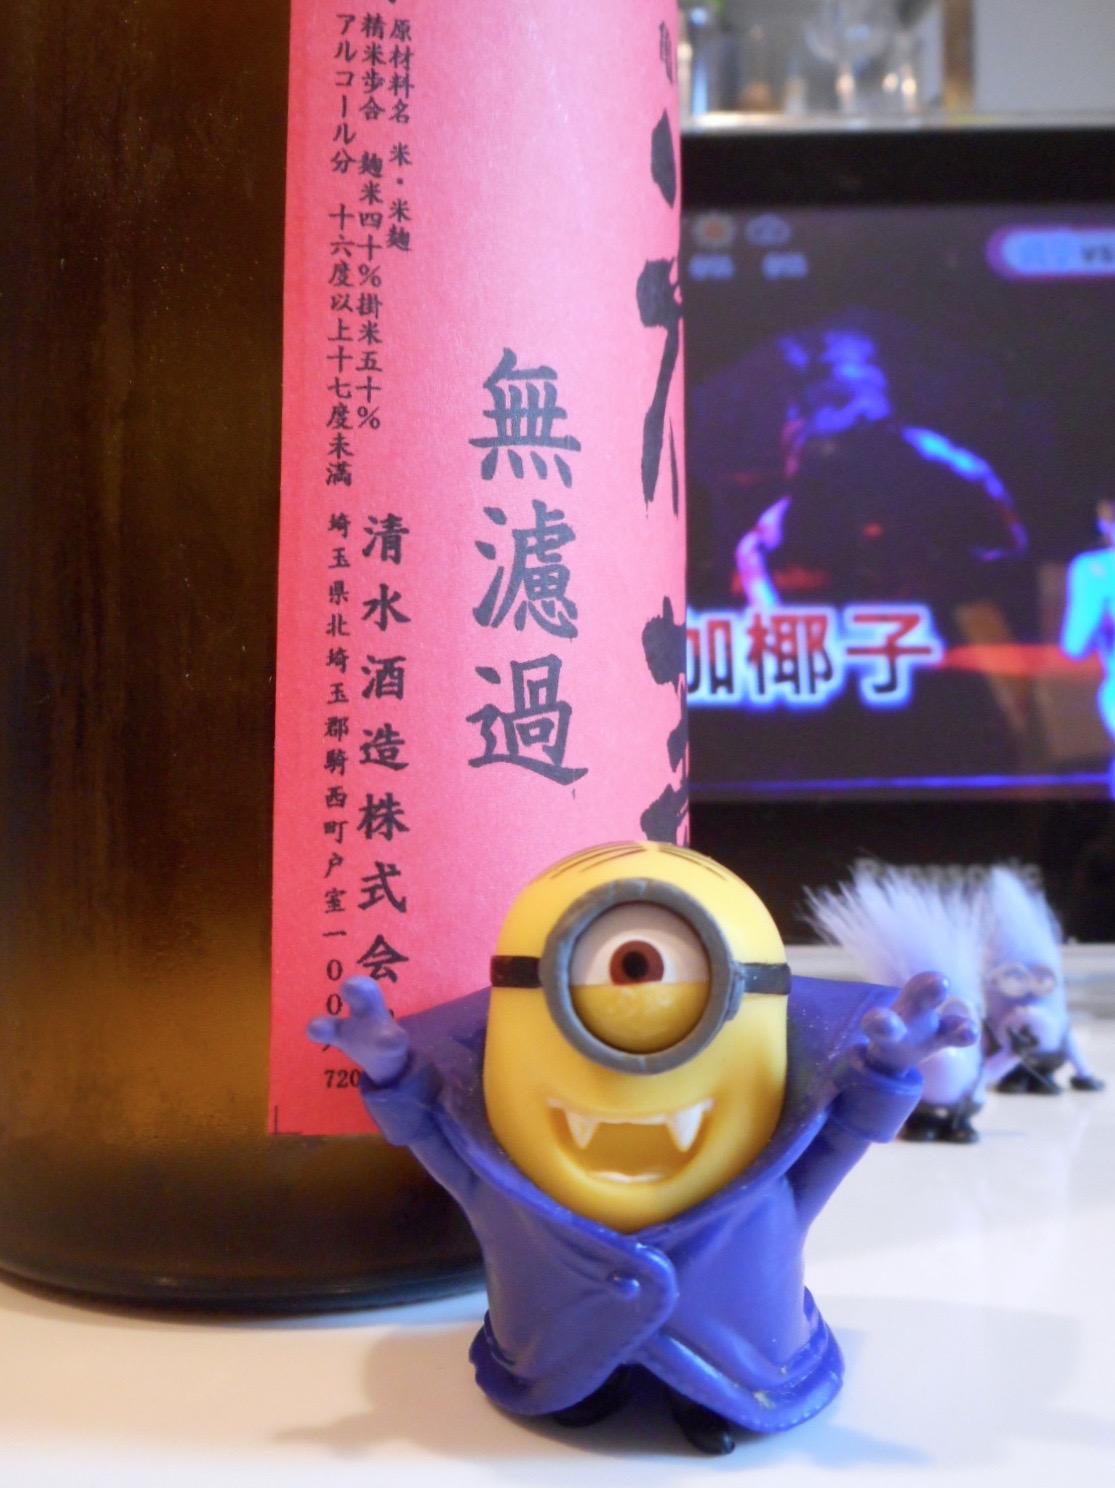 hanabishi_jundai_jikagumi2.jpg